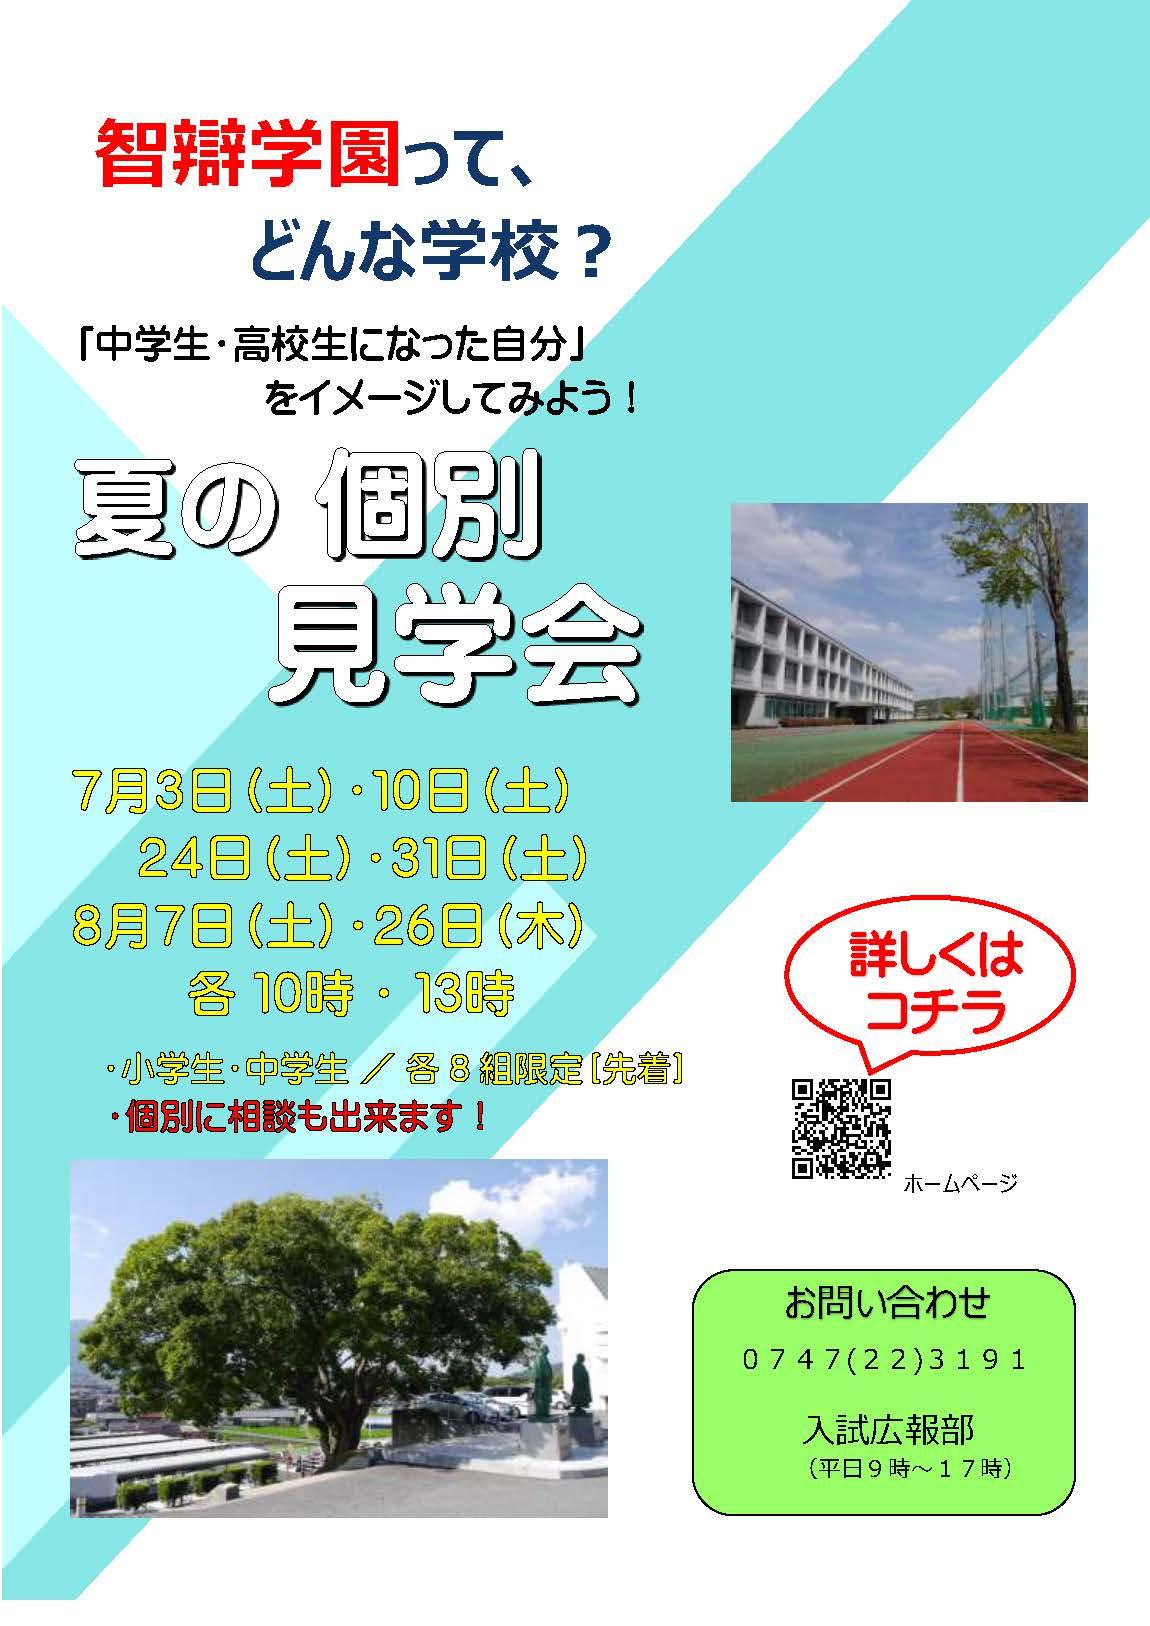 【中学・高校】「夏の個別見学会」を開催します。